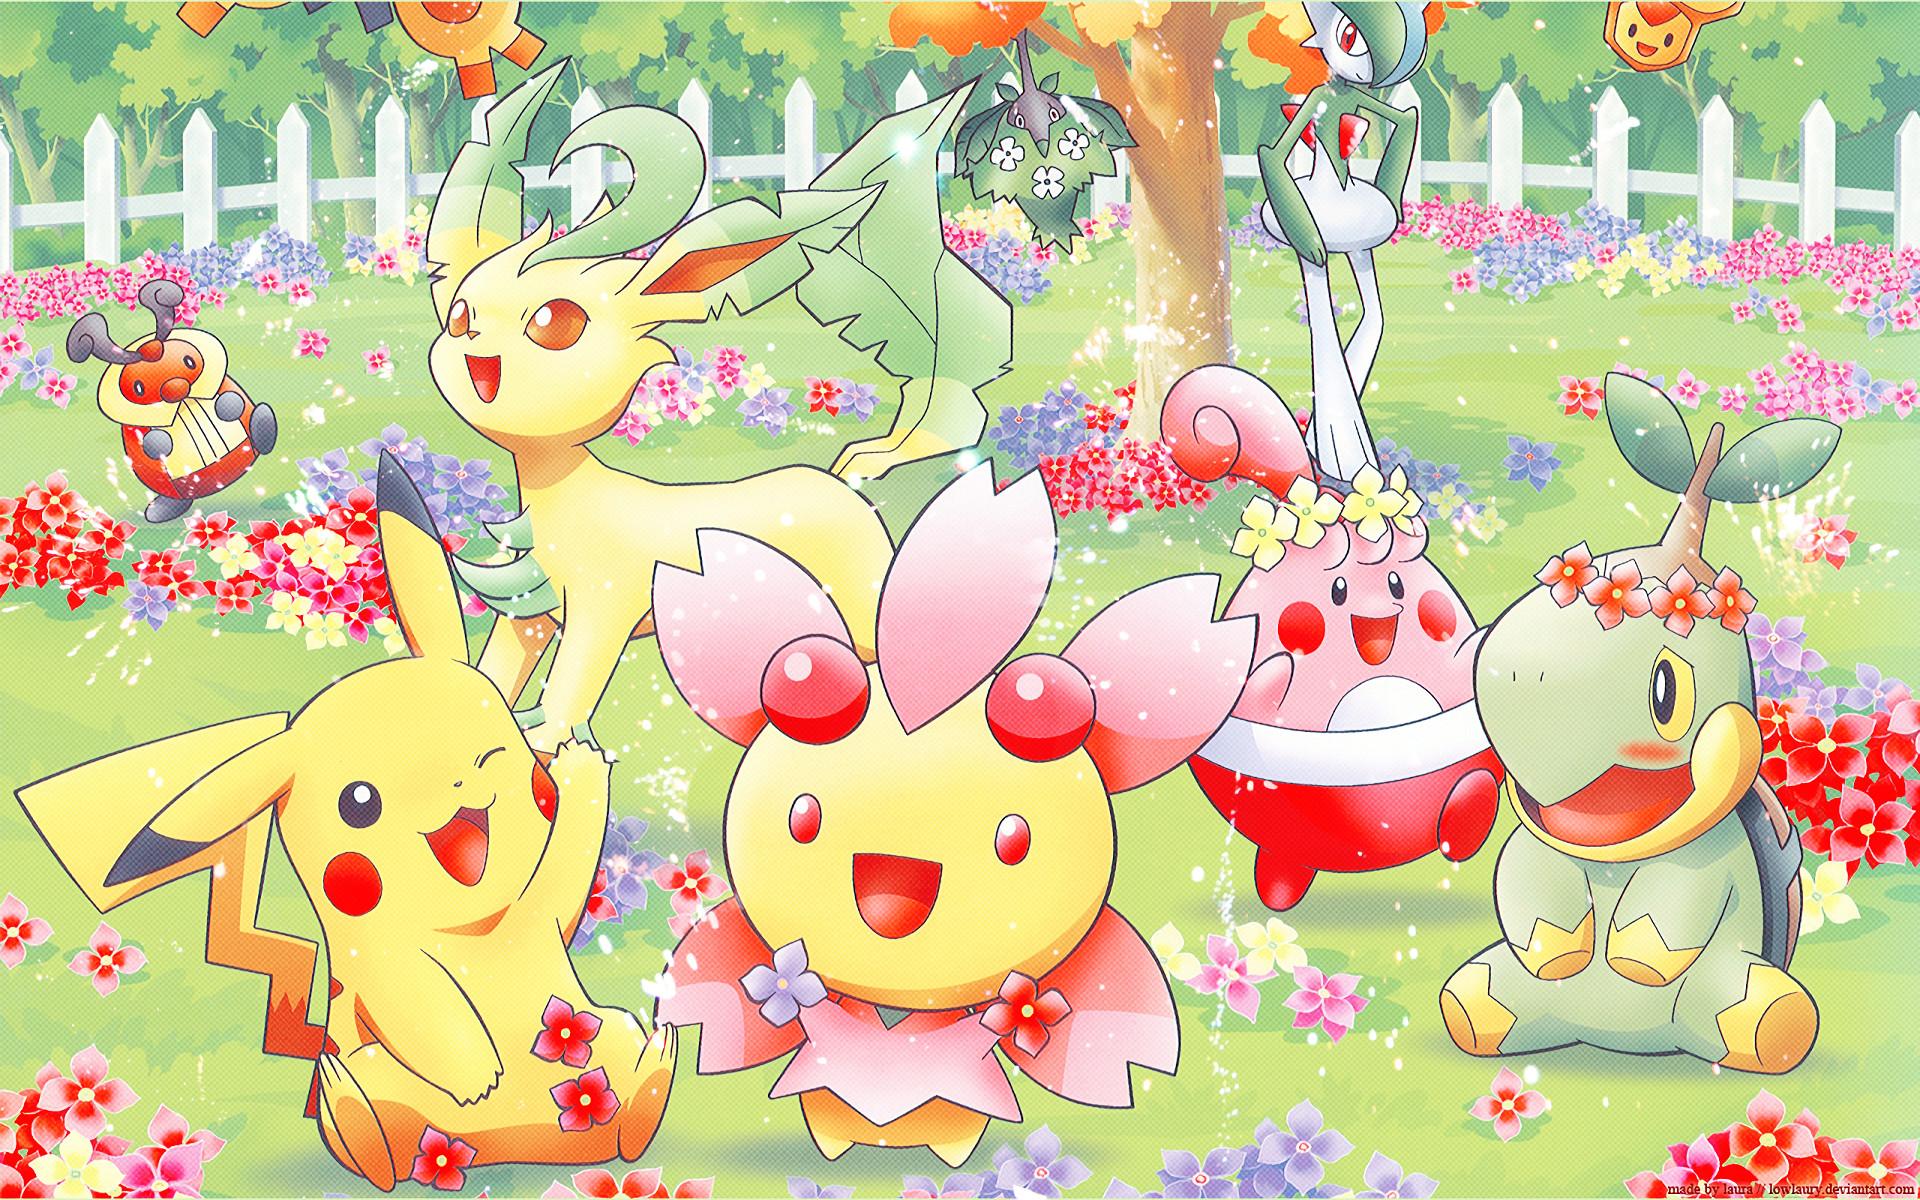 Anime РPok̩mon Pikachu Leafeon (Pok̩mon) Turtwig (Pok̩mon) Gallade (Pok̩mon )